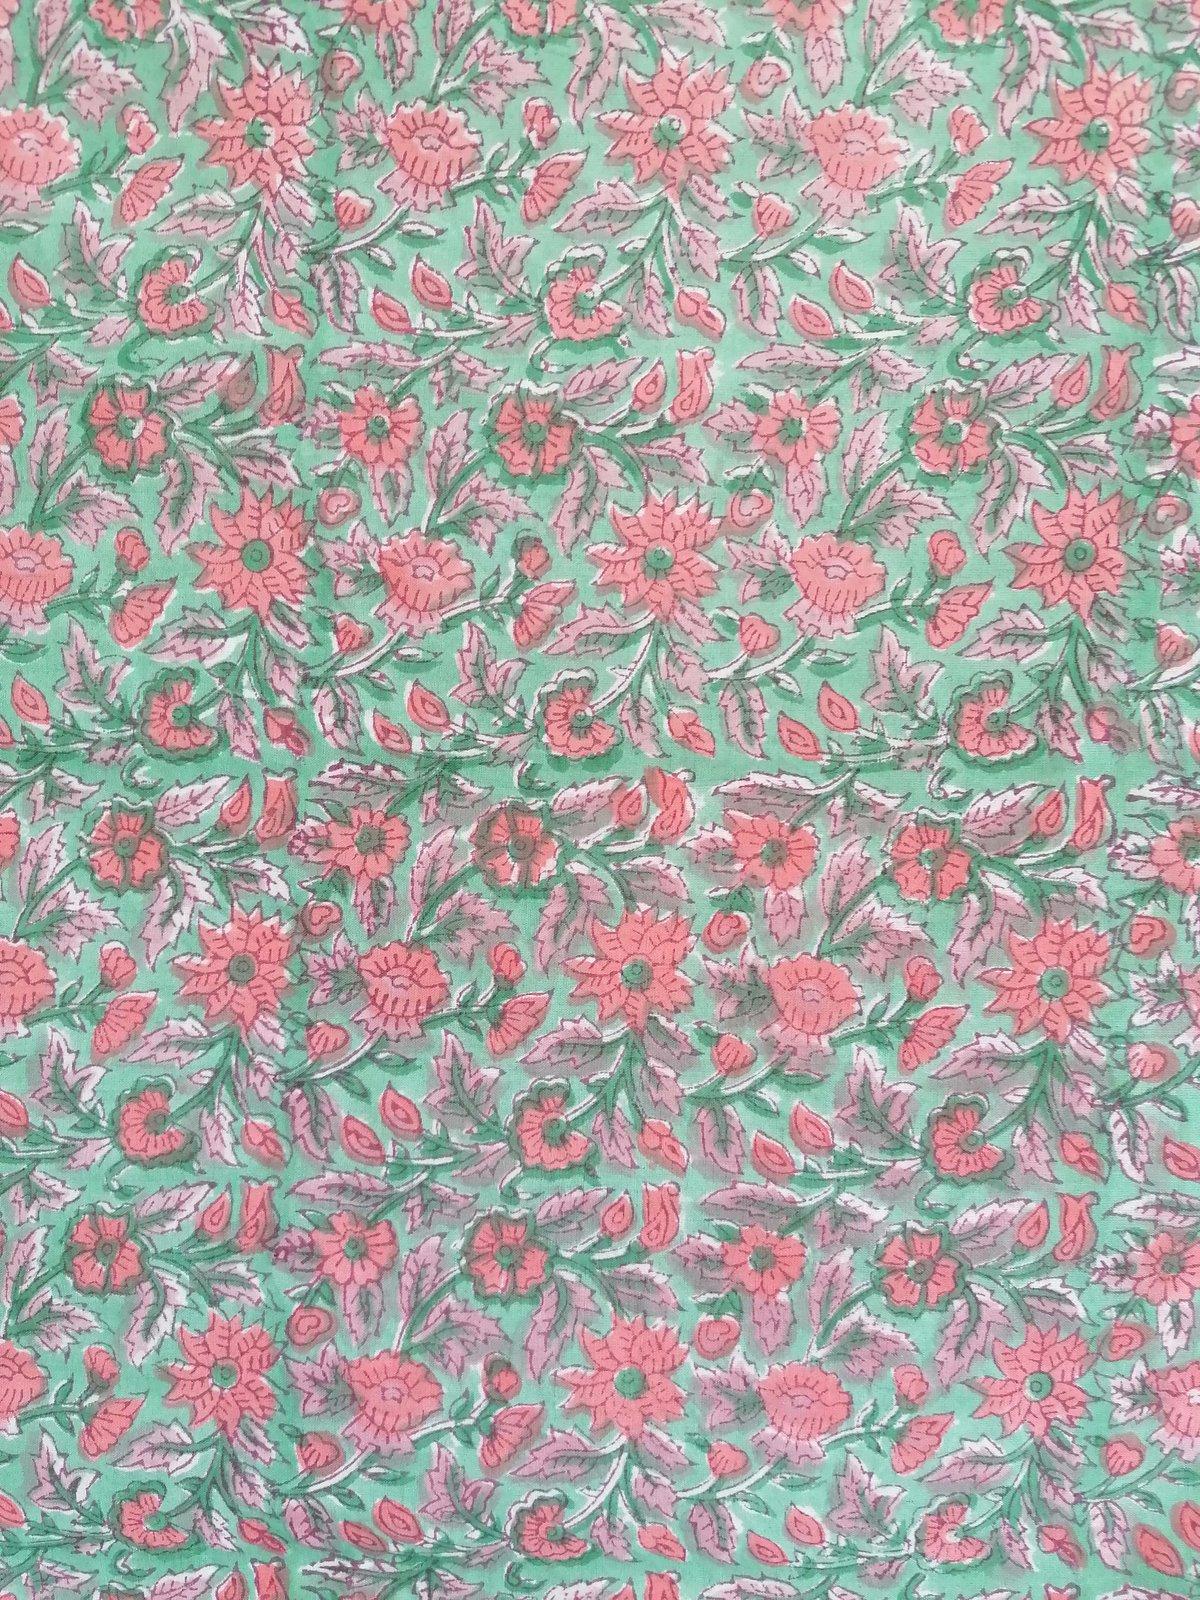 Image of Namasté fabric jardin public